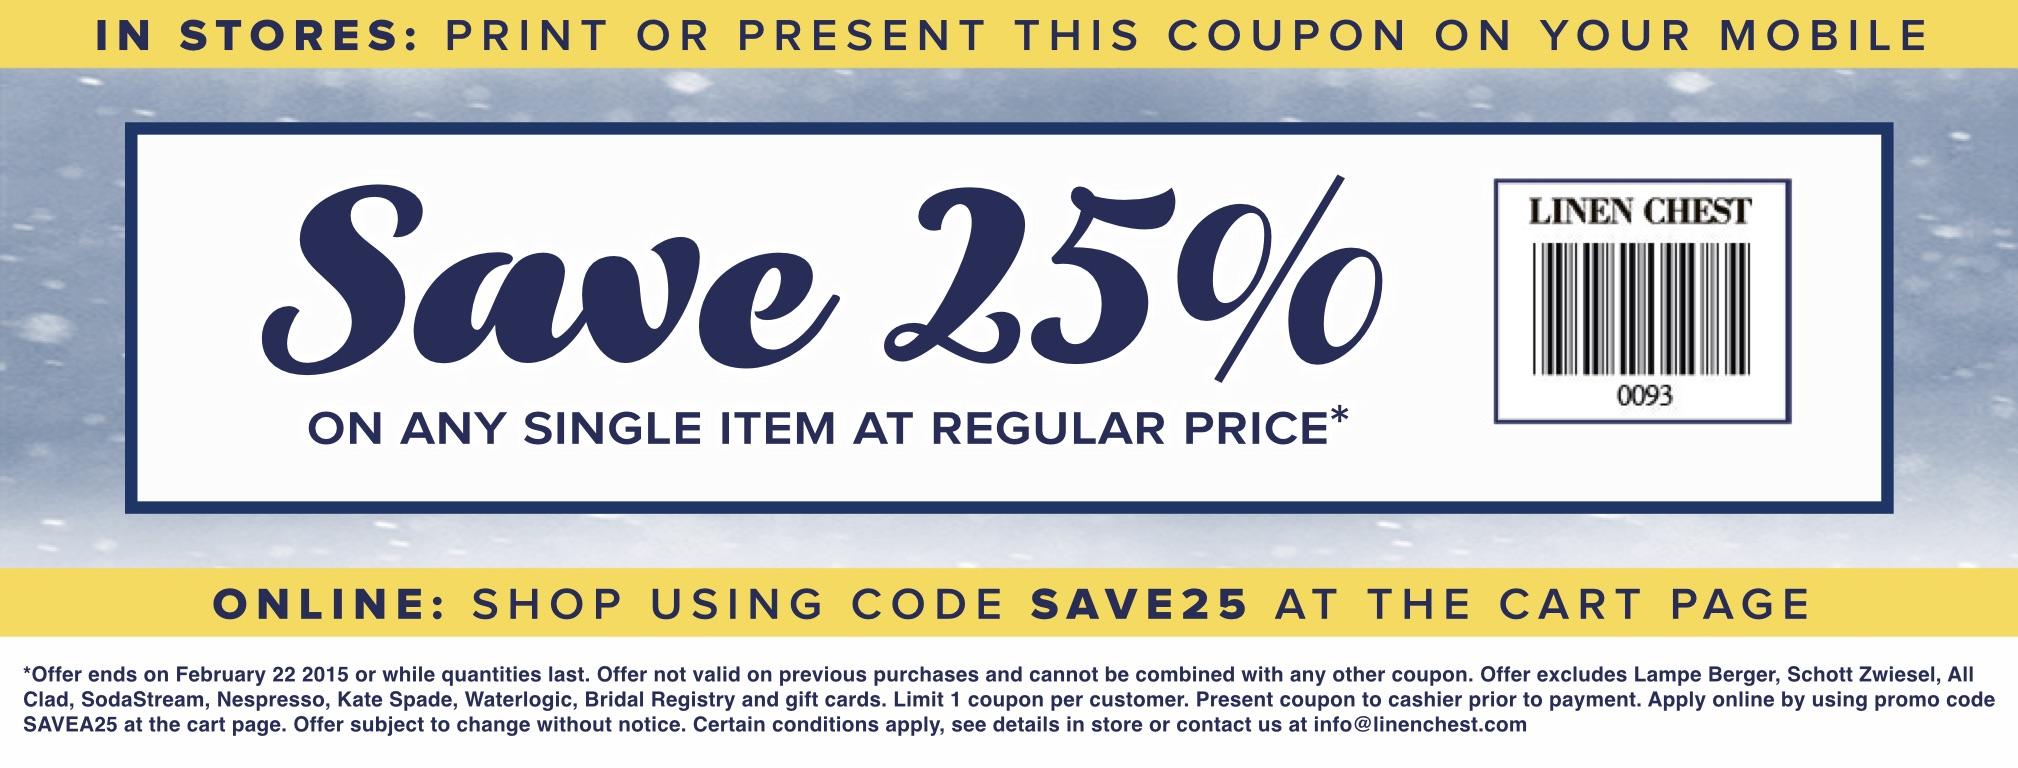 Cv linens coupon code 2018